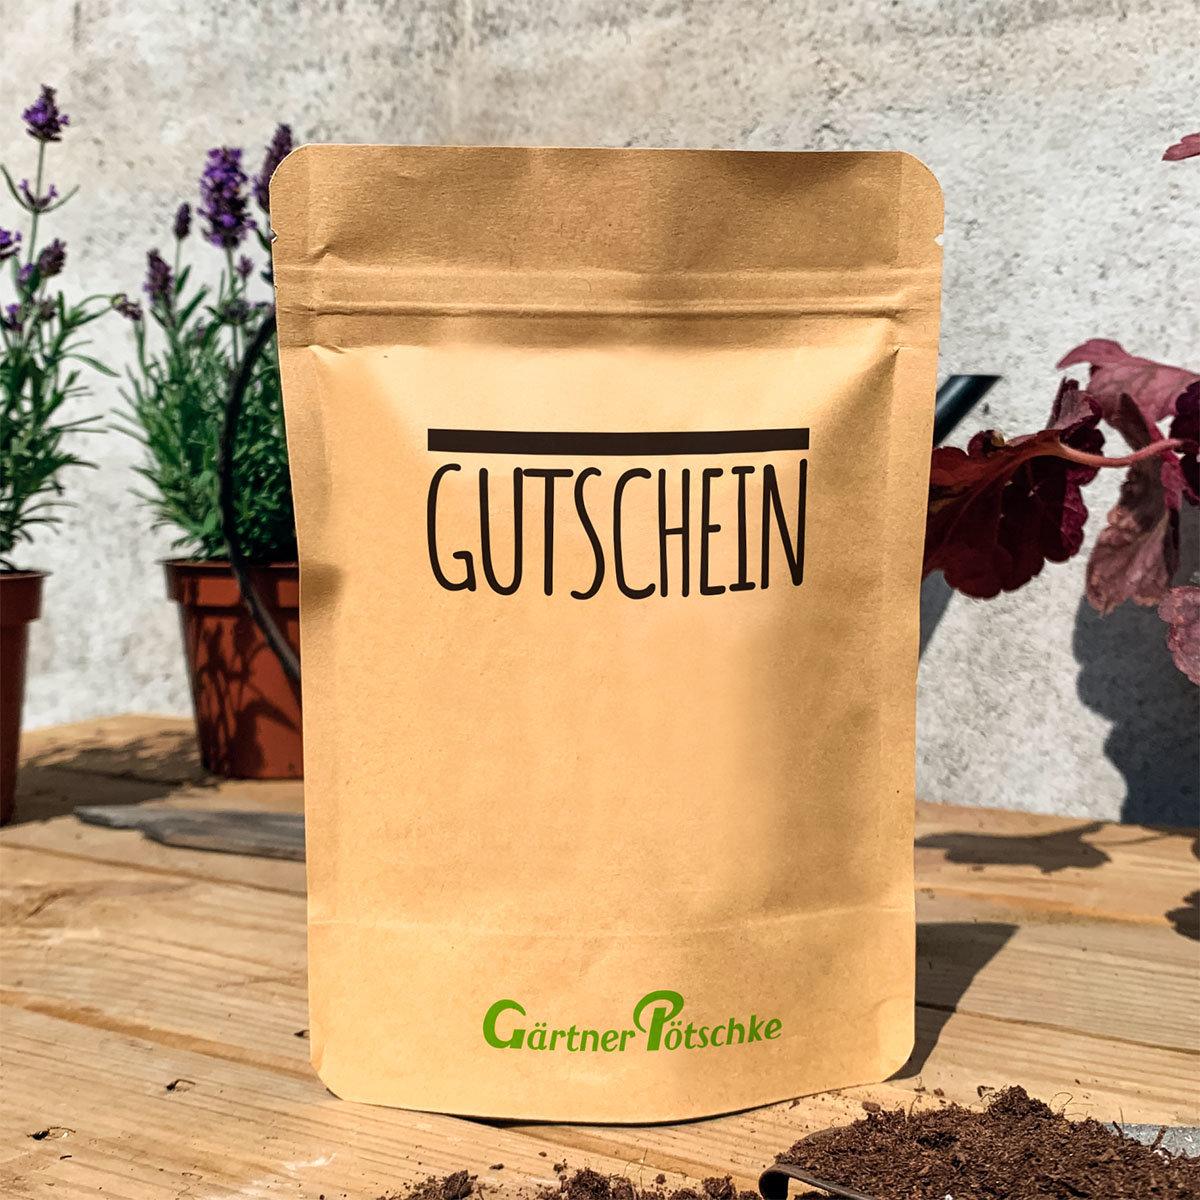 Gutschein - Kresse